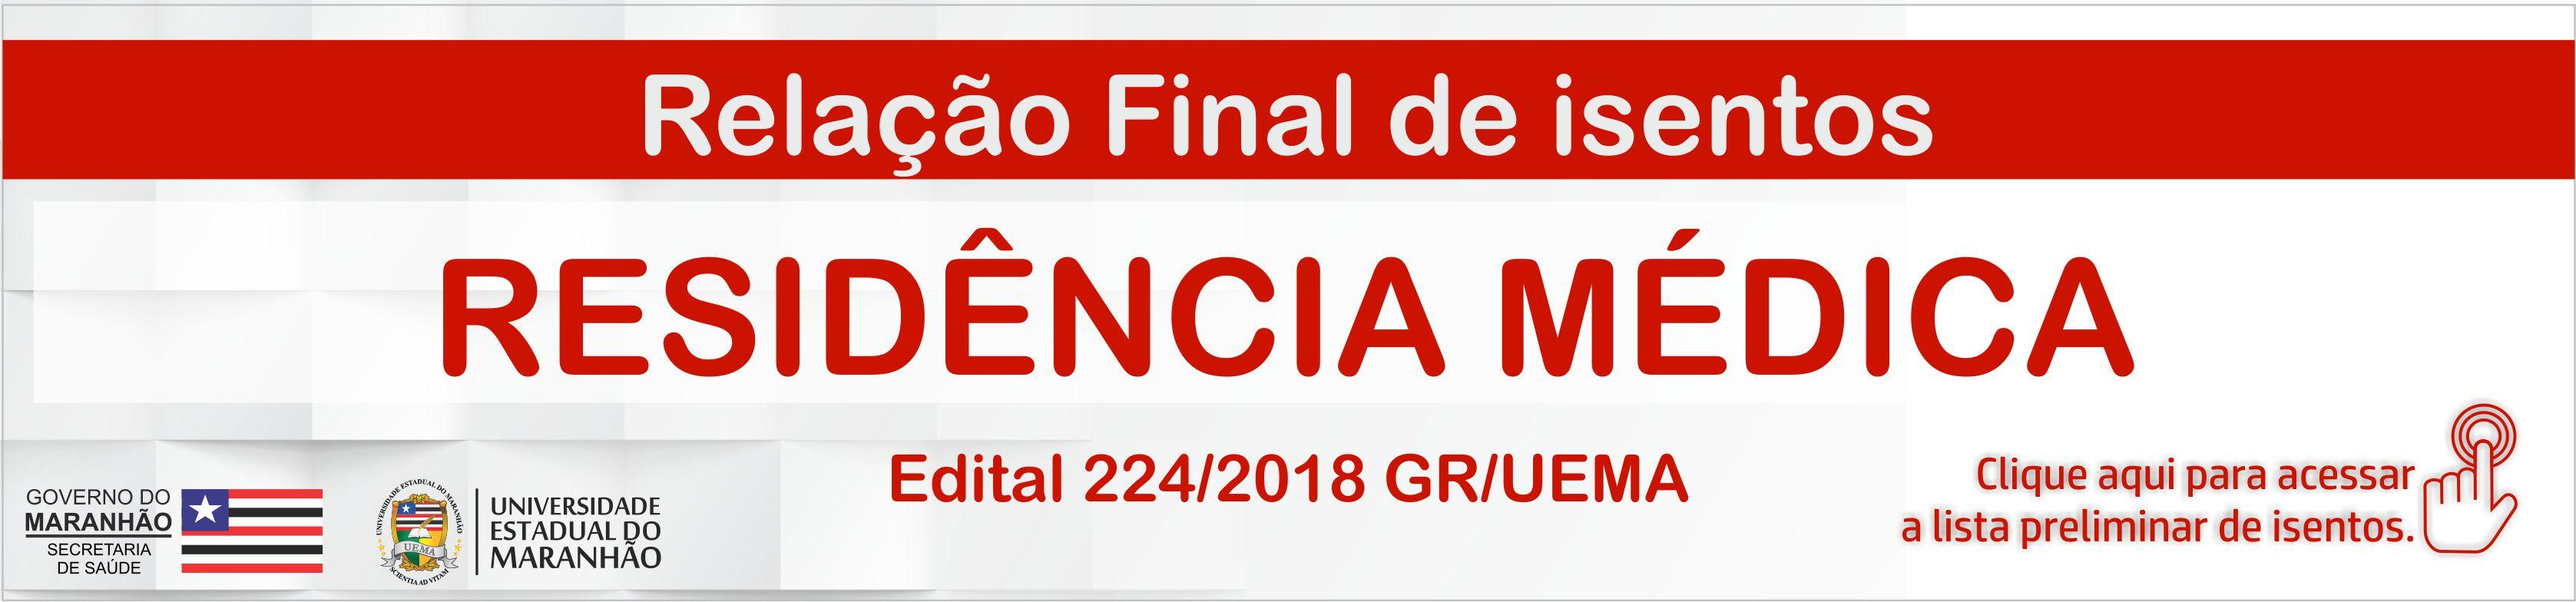 final_de_isentos_res_medica